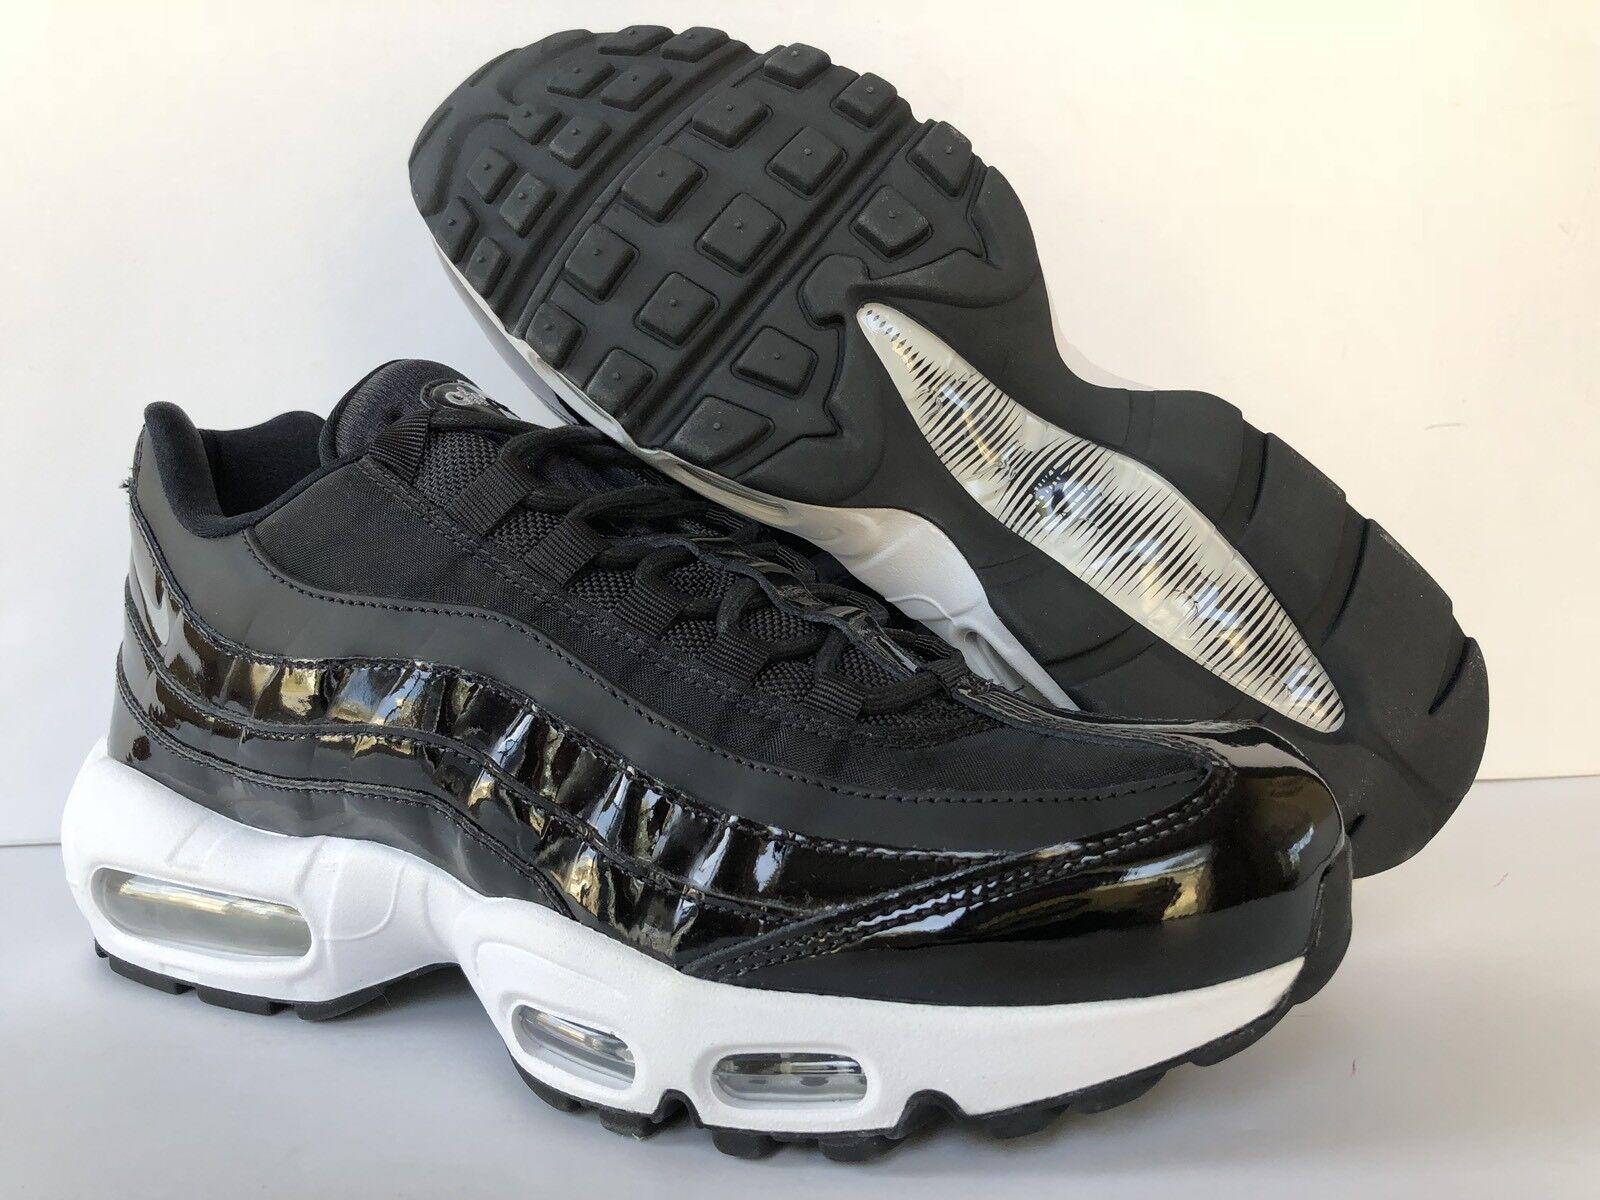 Nike Air Max 95 Edición Especial Negro Informal [AH8697 Mujeres [AH8697 Informal 001] f7cb93